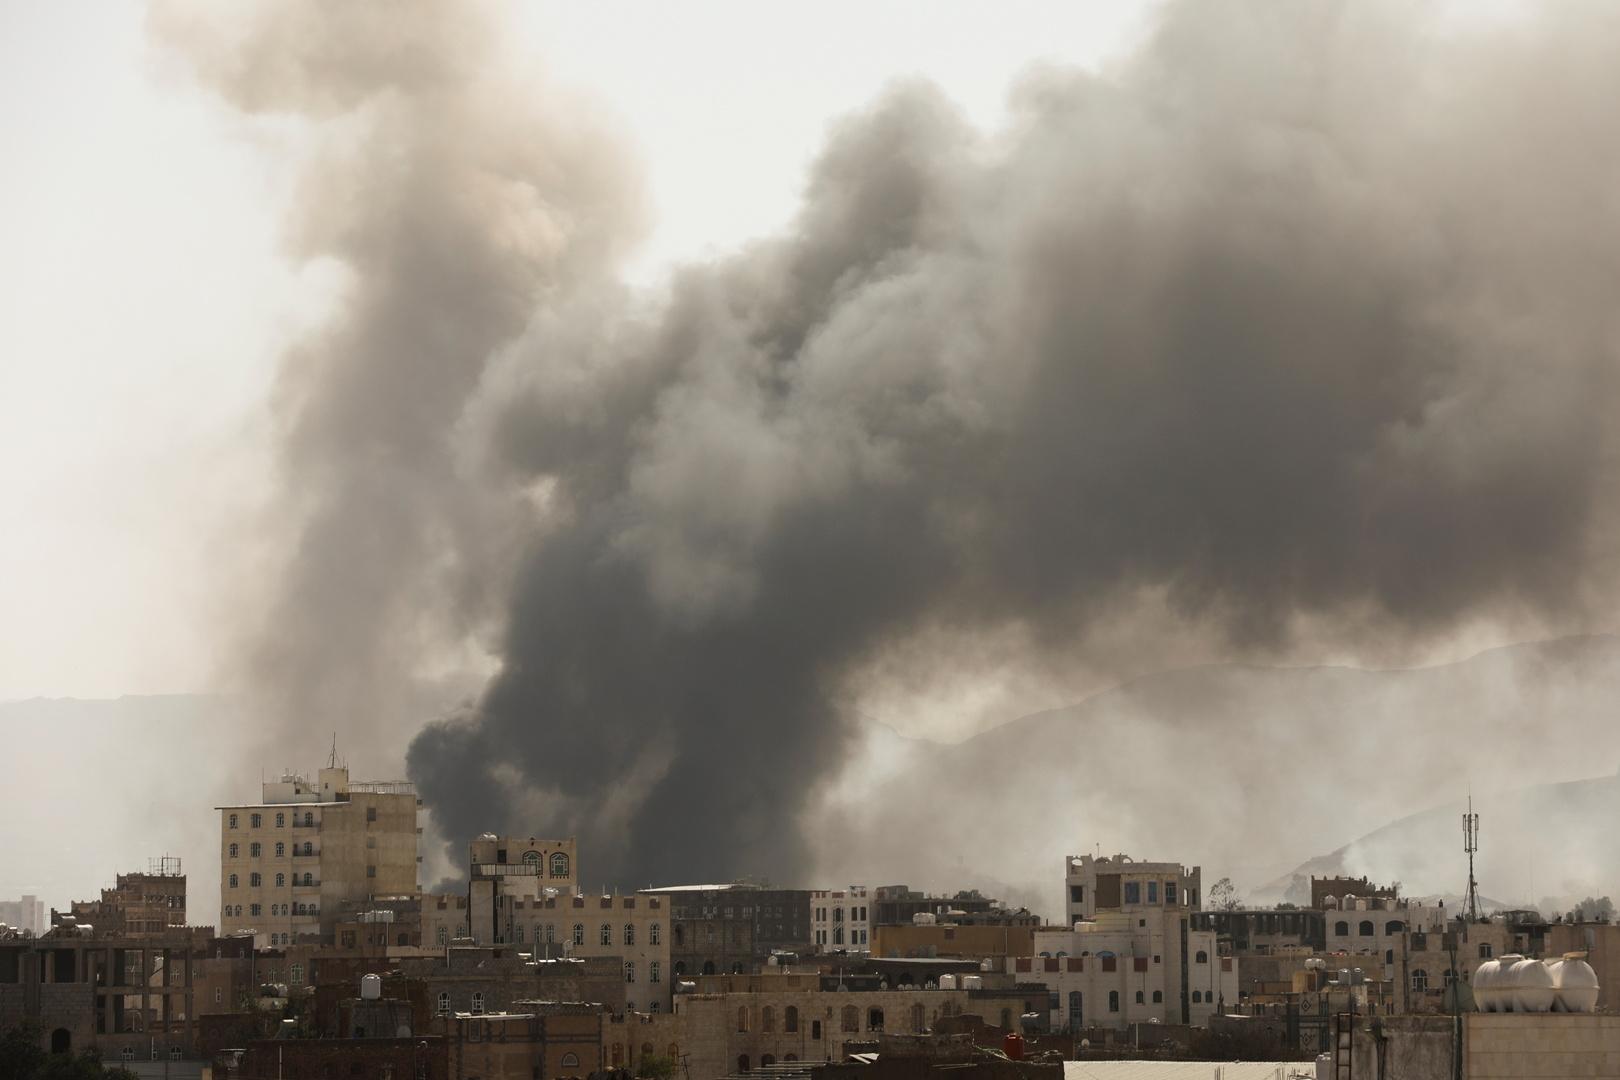 هجوم بقذائف الهاون استهدف مقر التحالف العربي في محافظة شبوة شرق اليمن